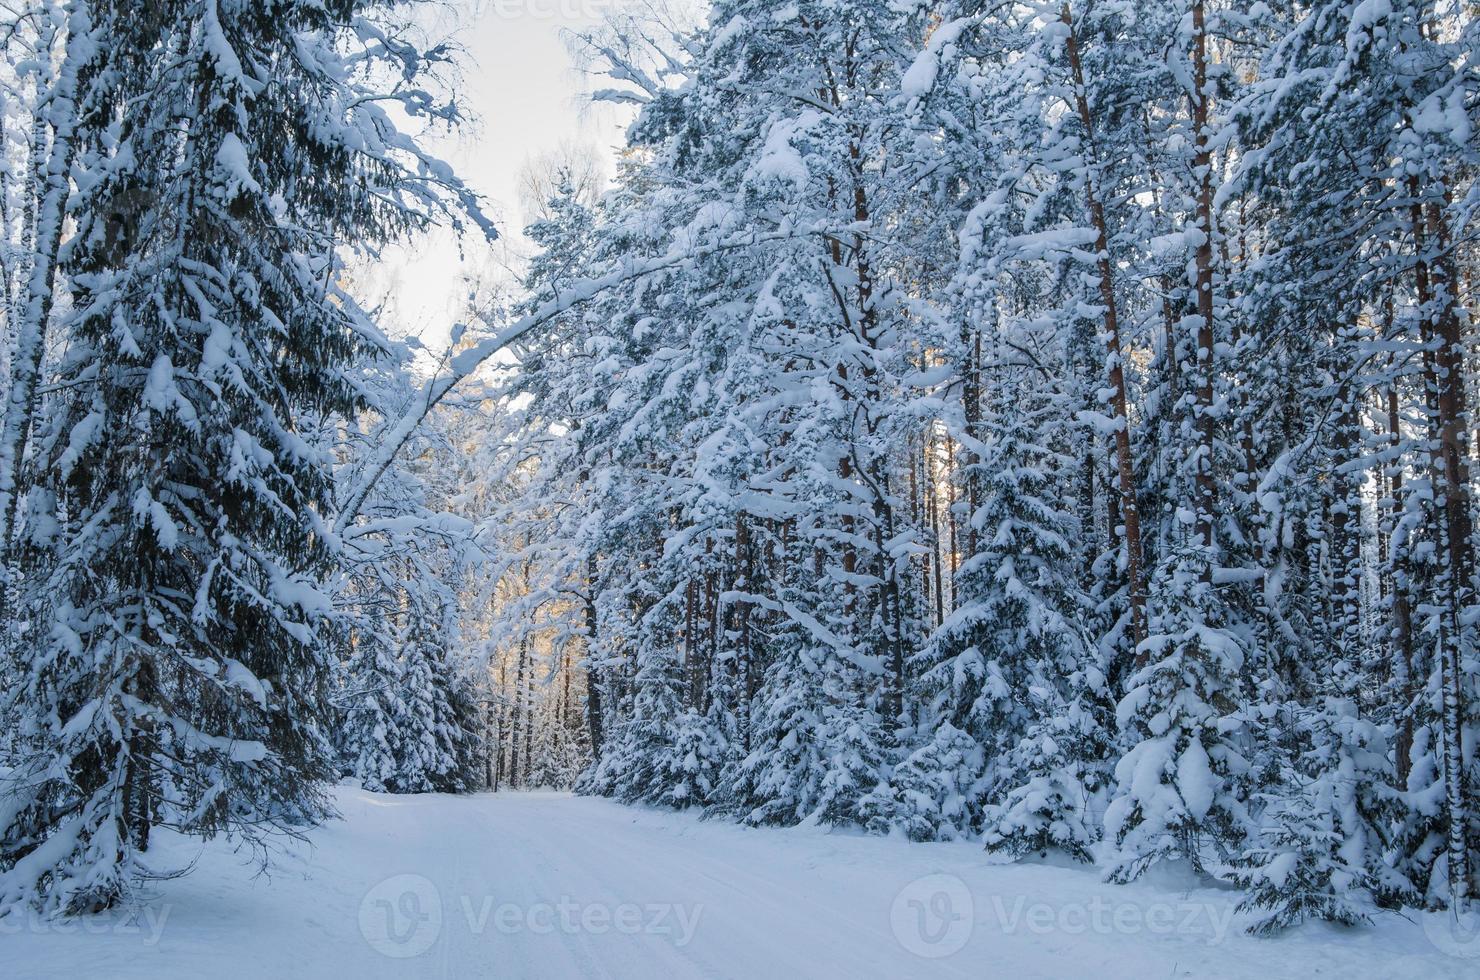 abeto cubierto de nieve en el bosque de invierno. viitna, estonia. foto